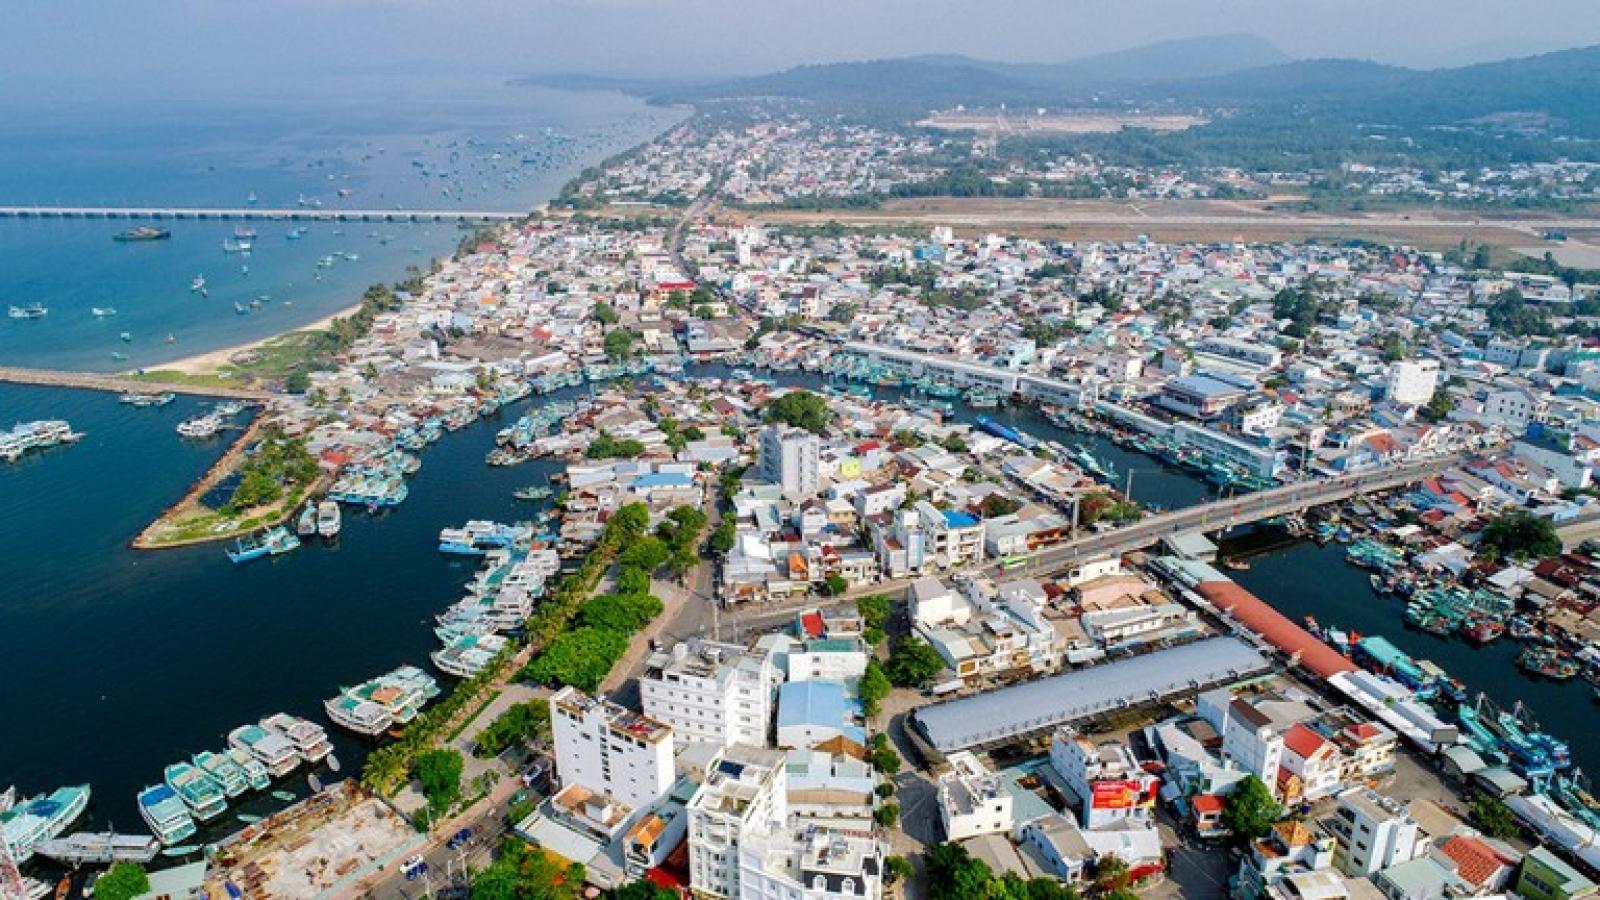 Xem xét thành lập 2 thành phố Phú Quốc và Thủ Đức